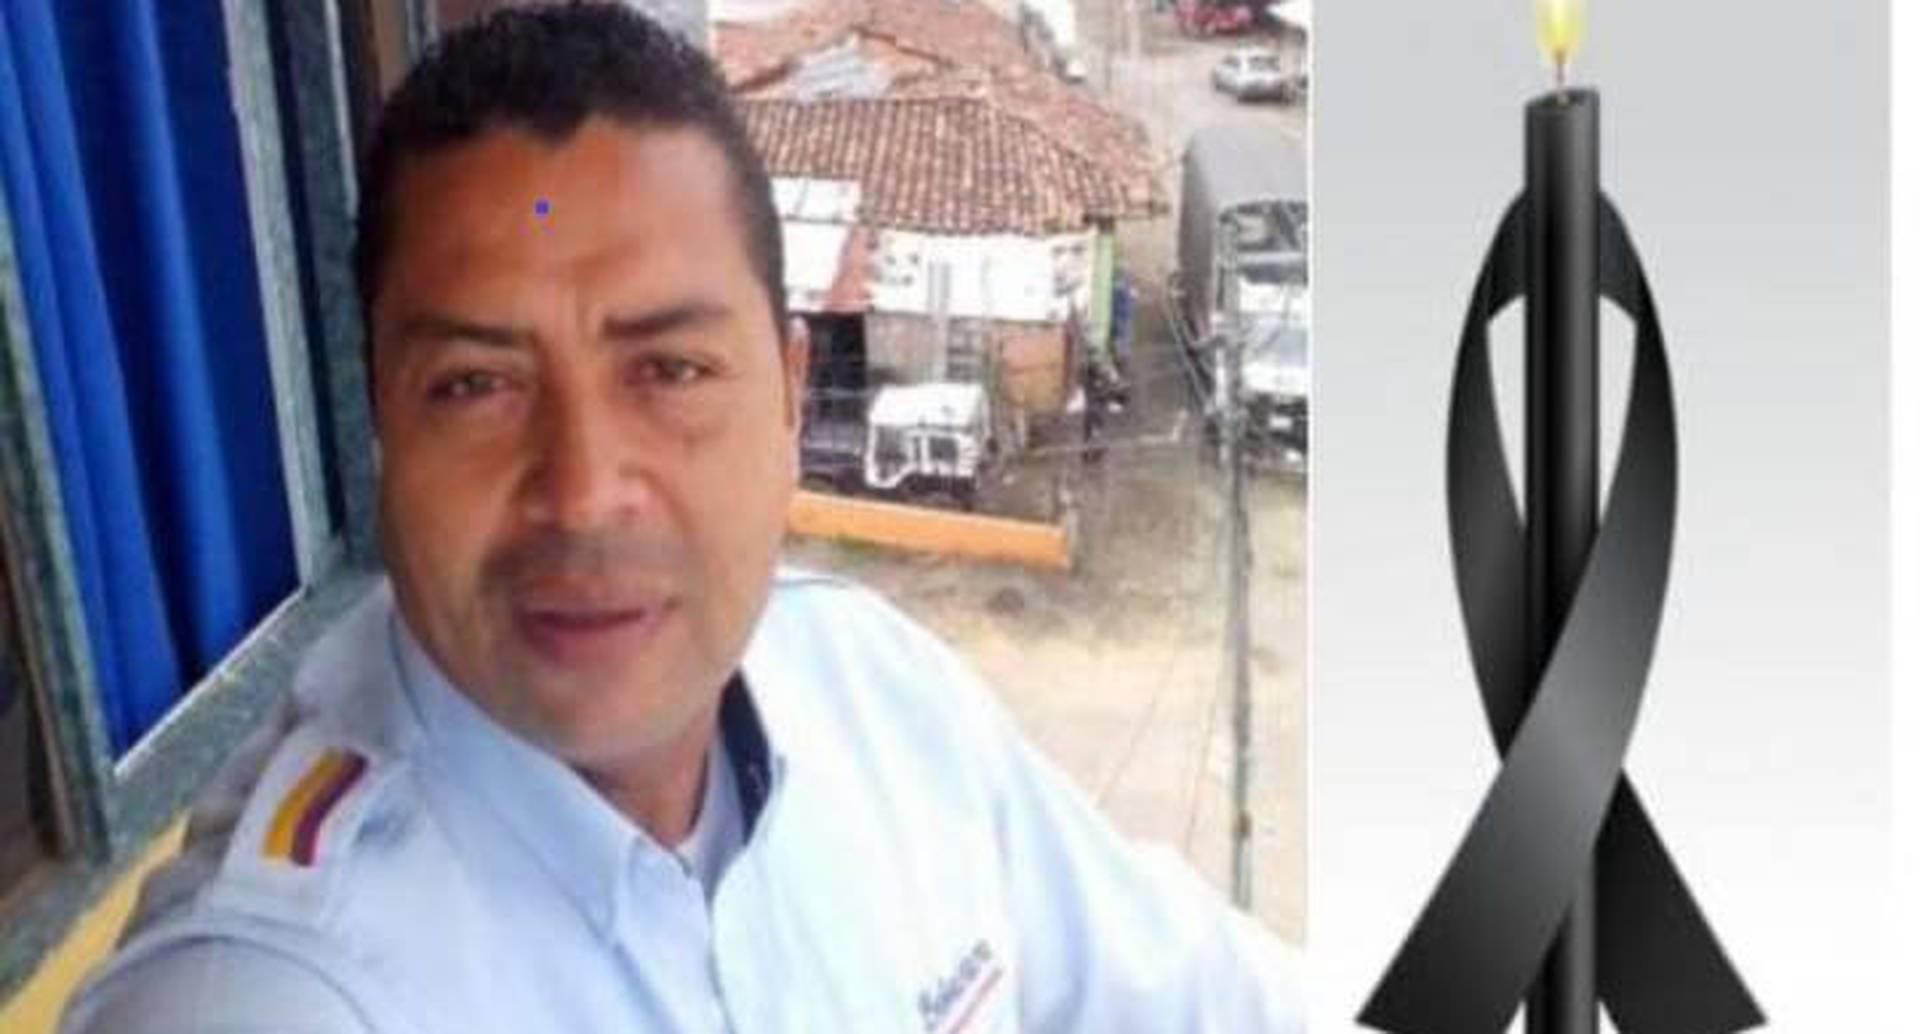 Hermes Loaiza, líder asesinado en Florida, Valle